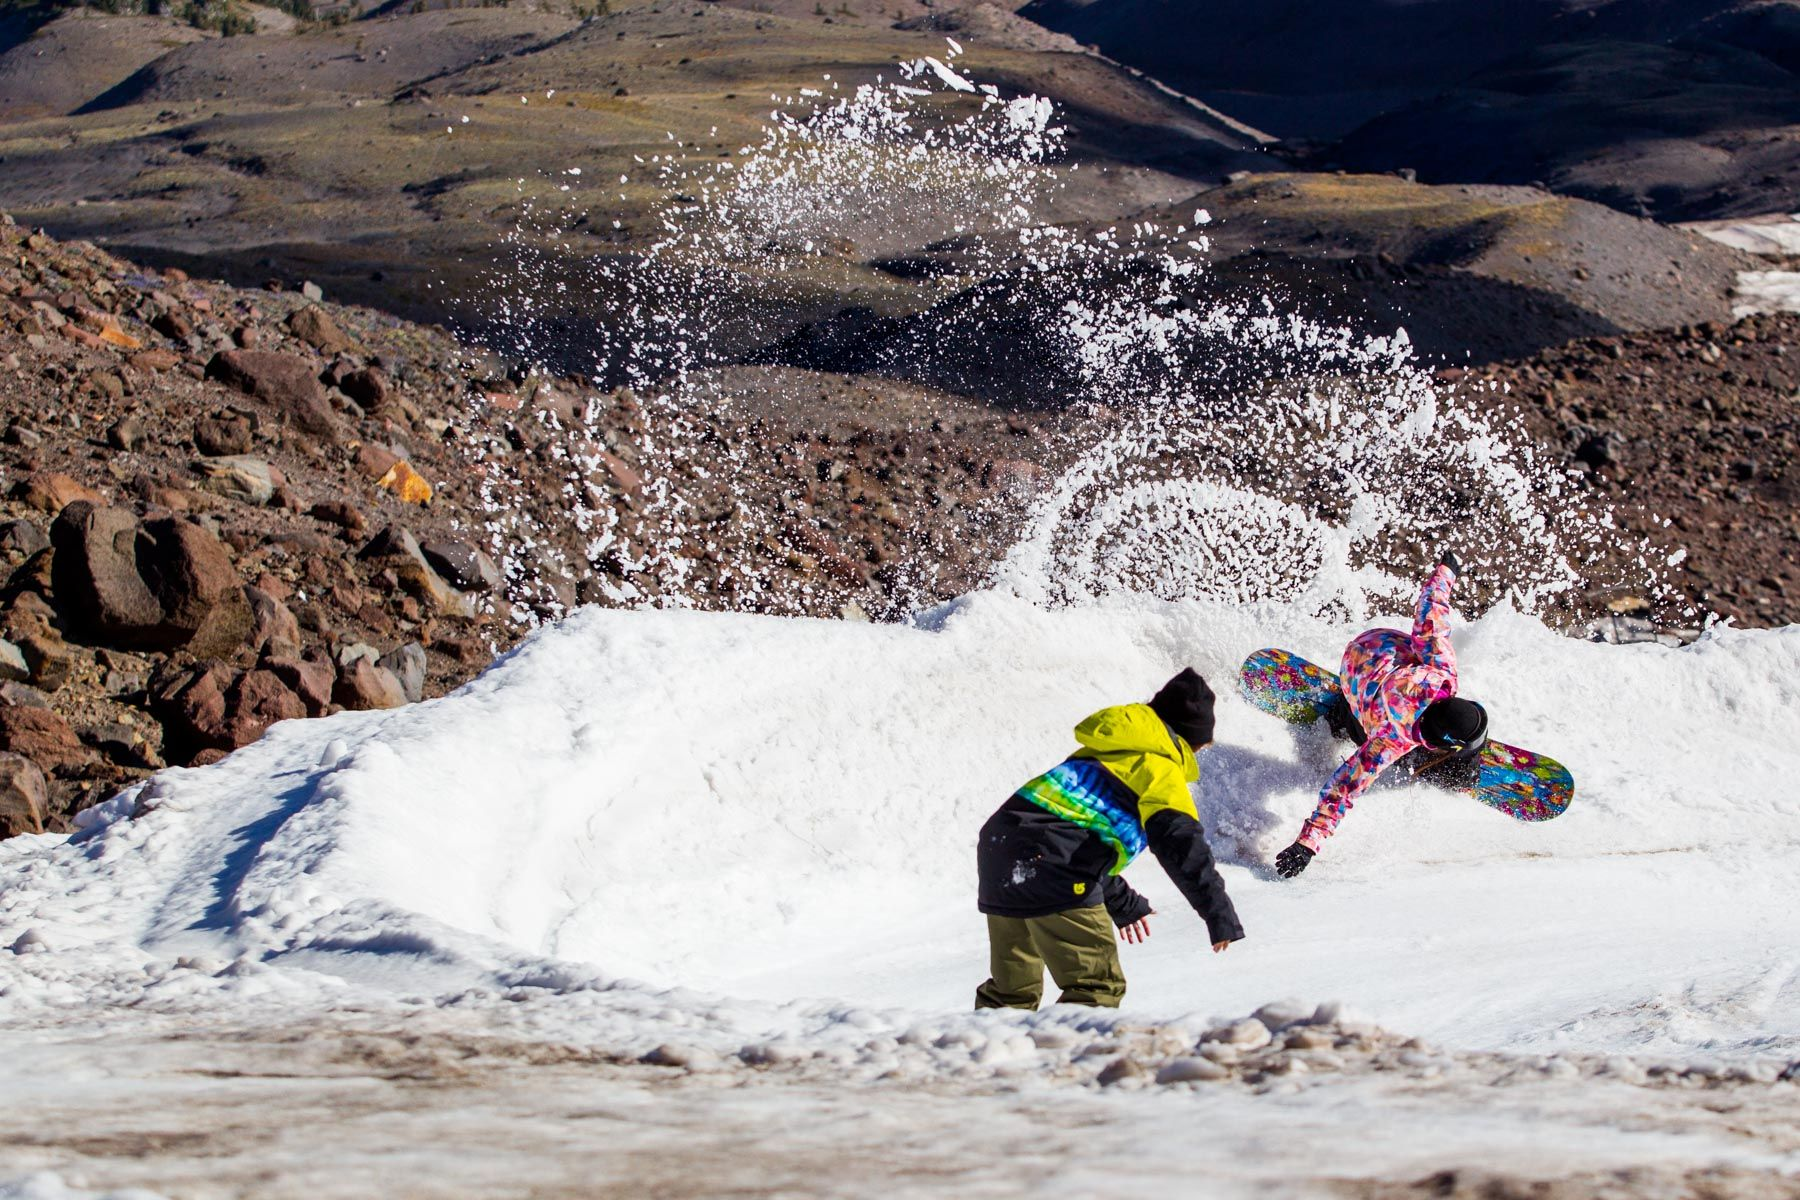 Hailey Langland snow spray